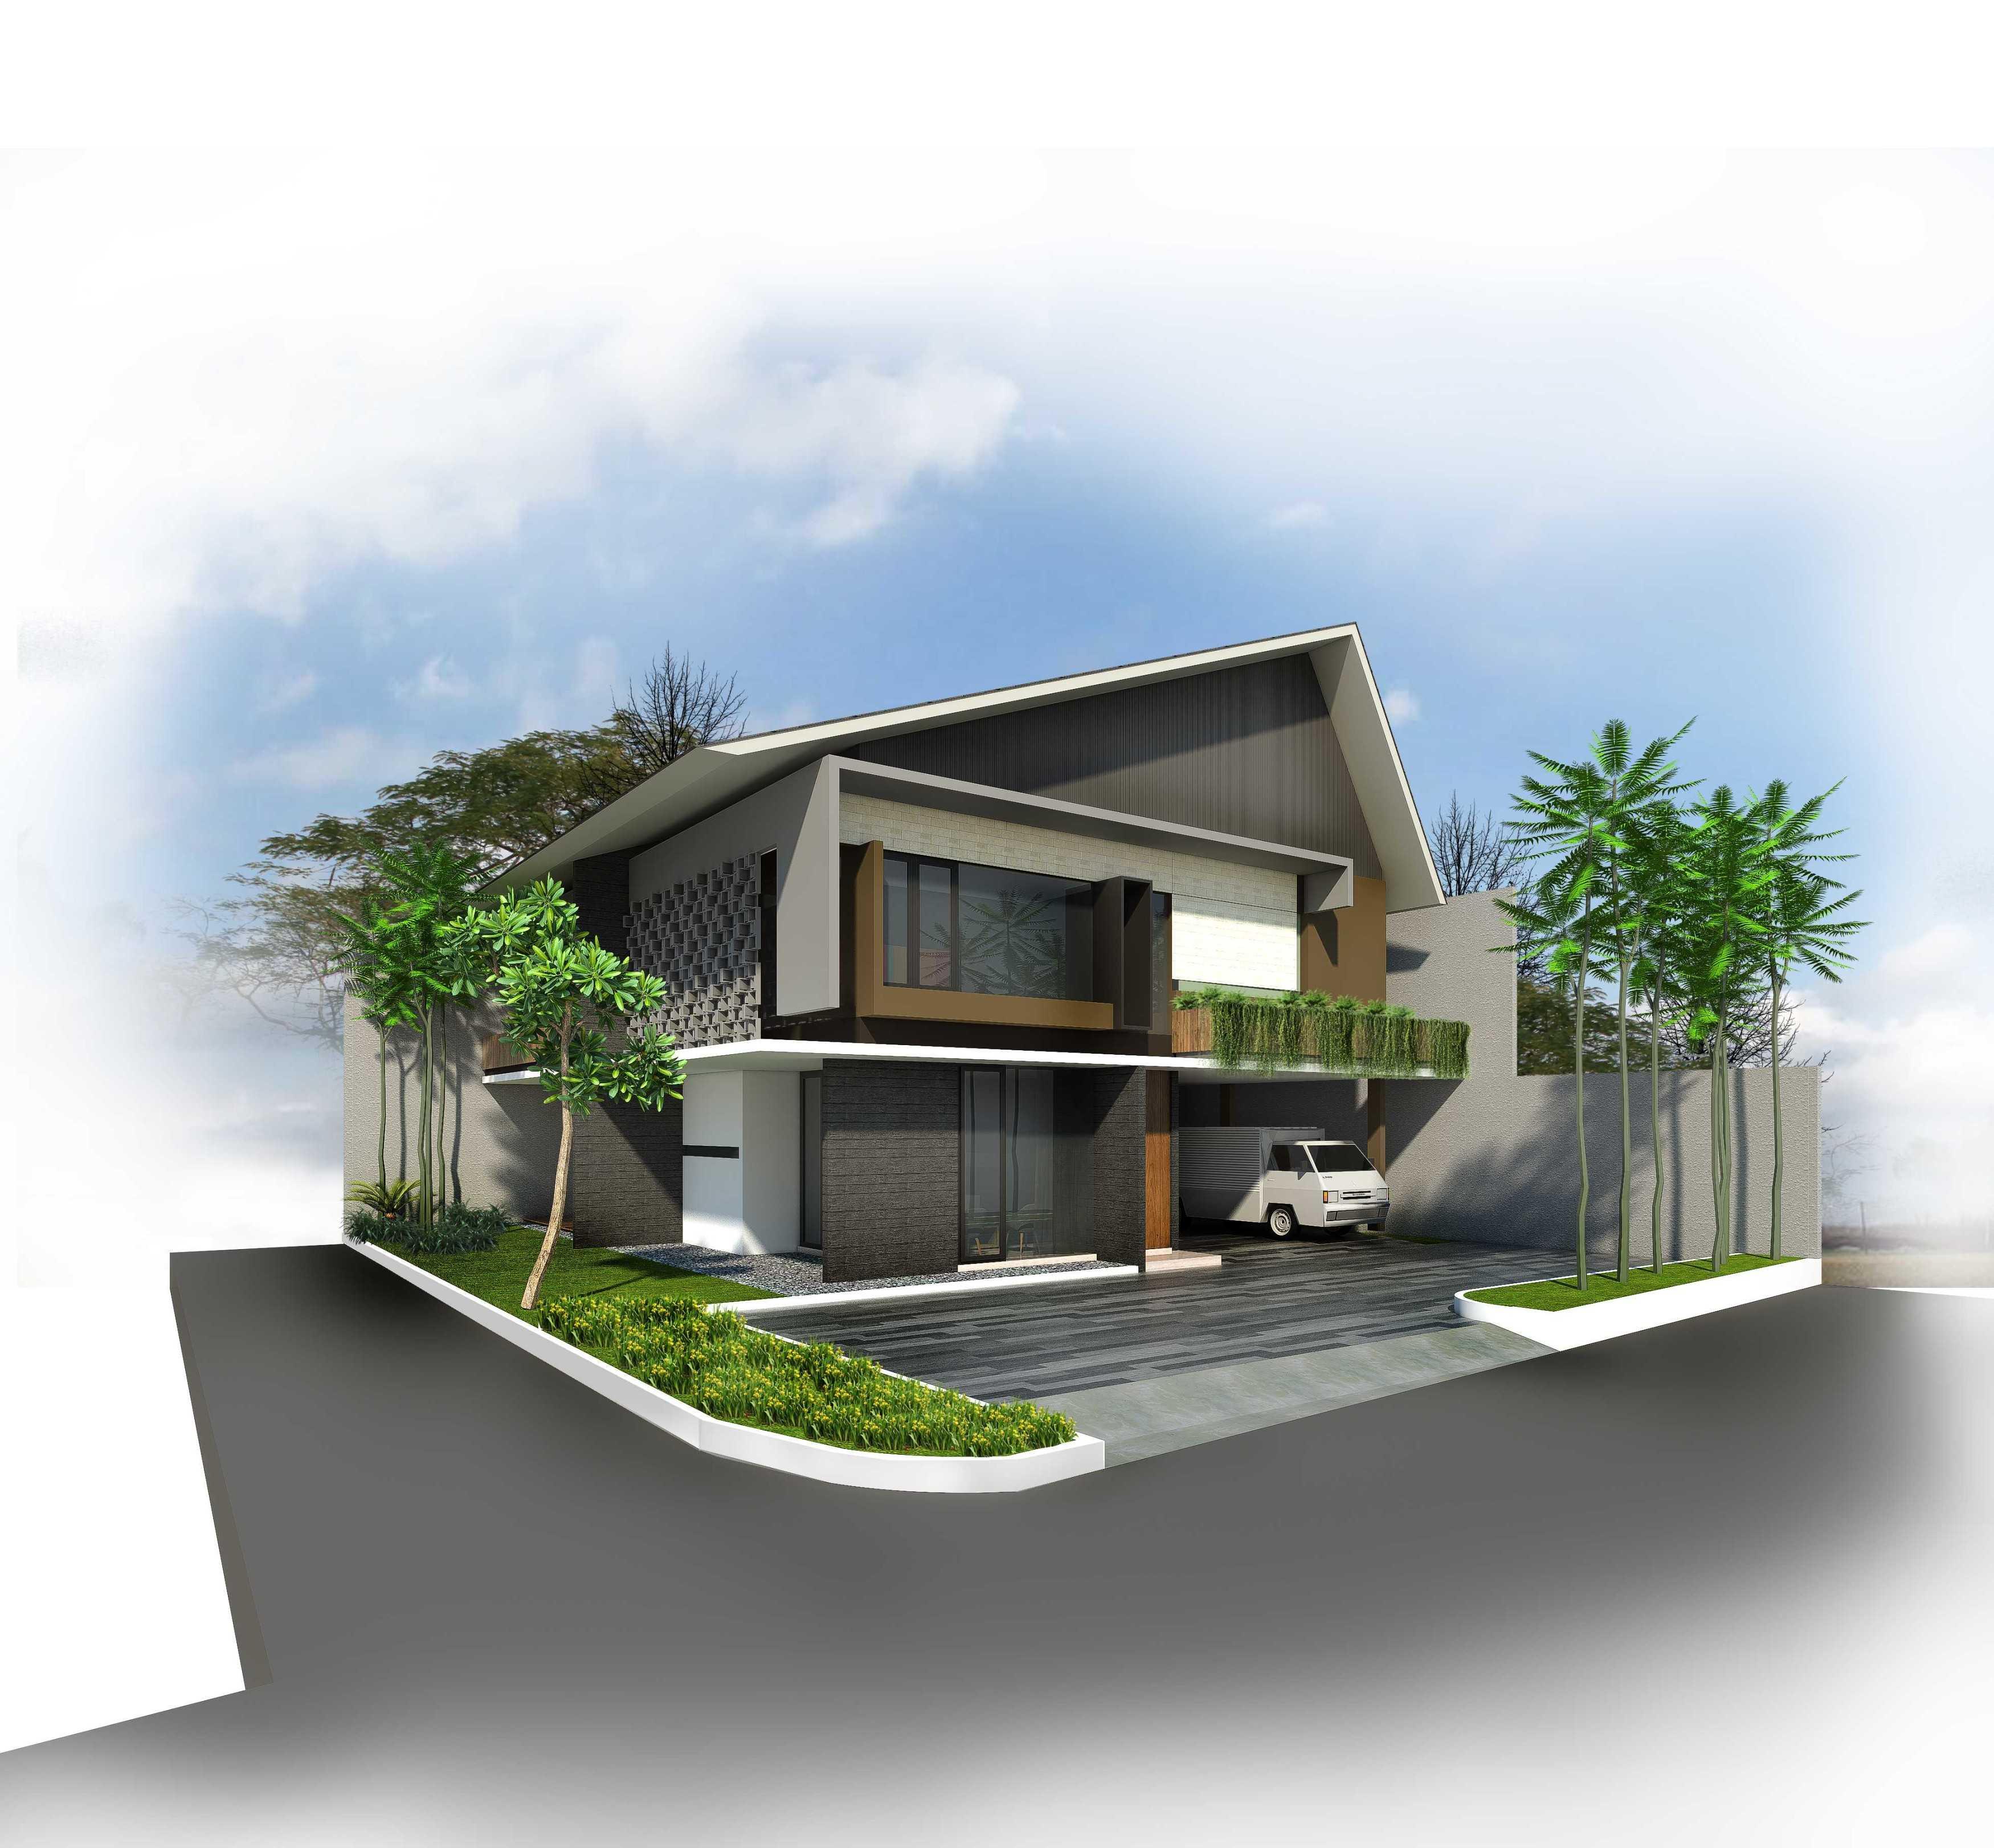 Cnd Architect Rumah Jambi - 03 Jambi, Kota Jambi, Jambi, Indonesia Jambi, Kota Jambi, Jambi, Indonesia Rumah Jambi 03 - Exterior Contemporary <P>Tampak Depan Bangunan</p> 44921